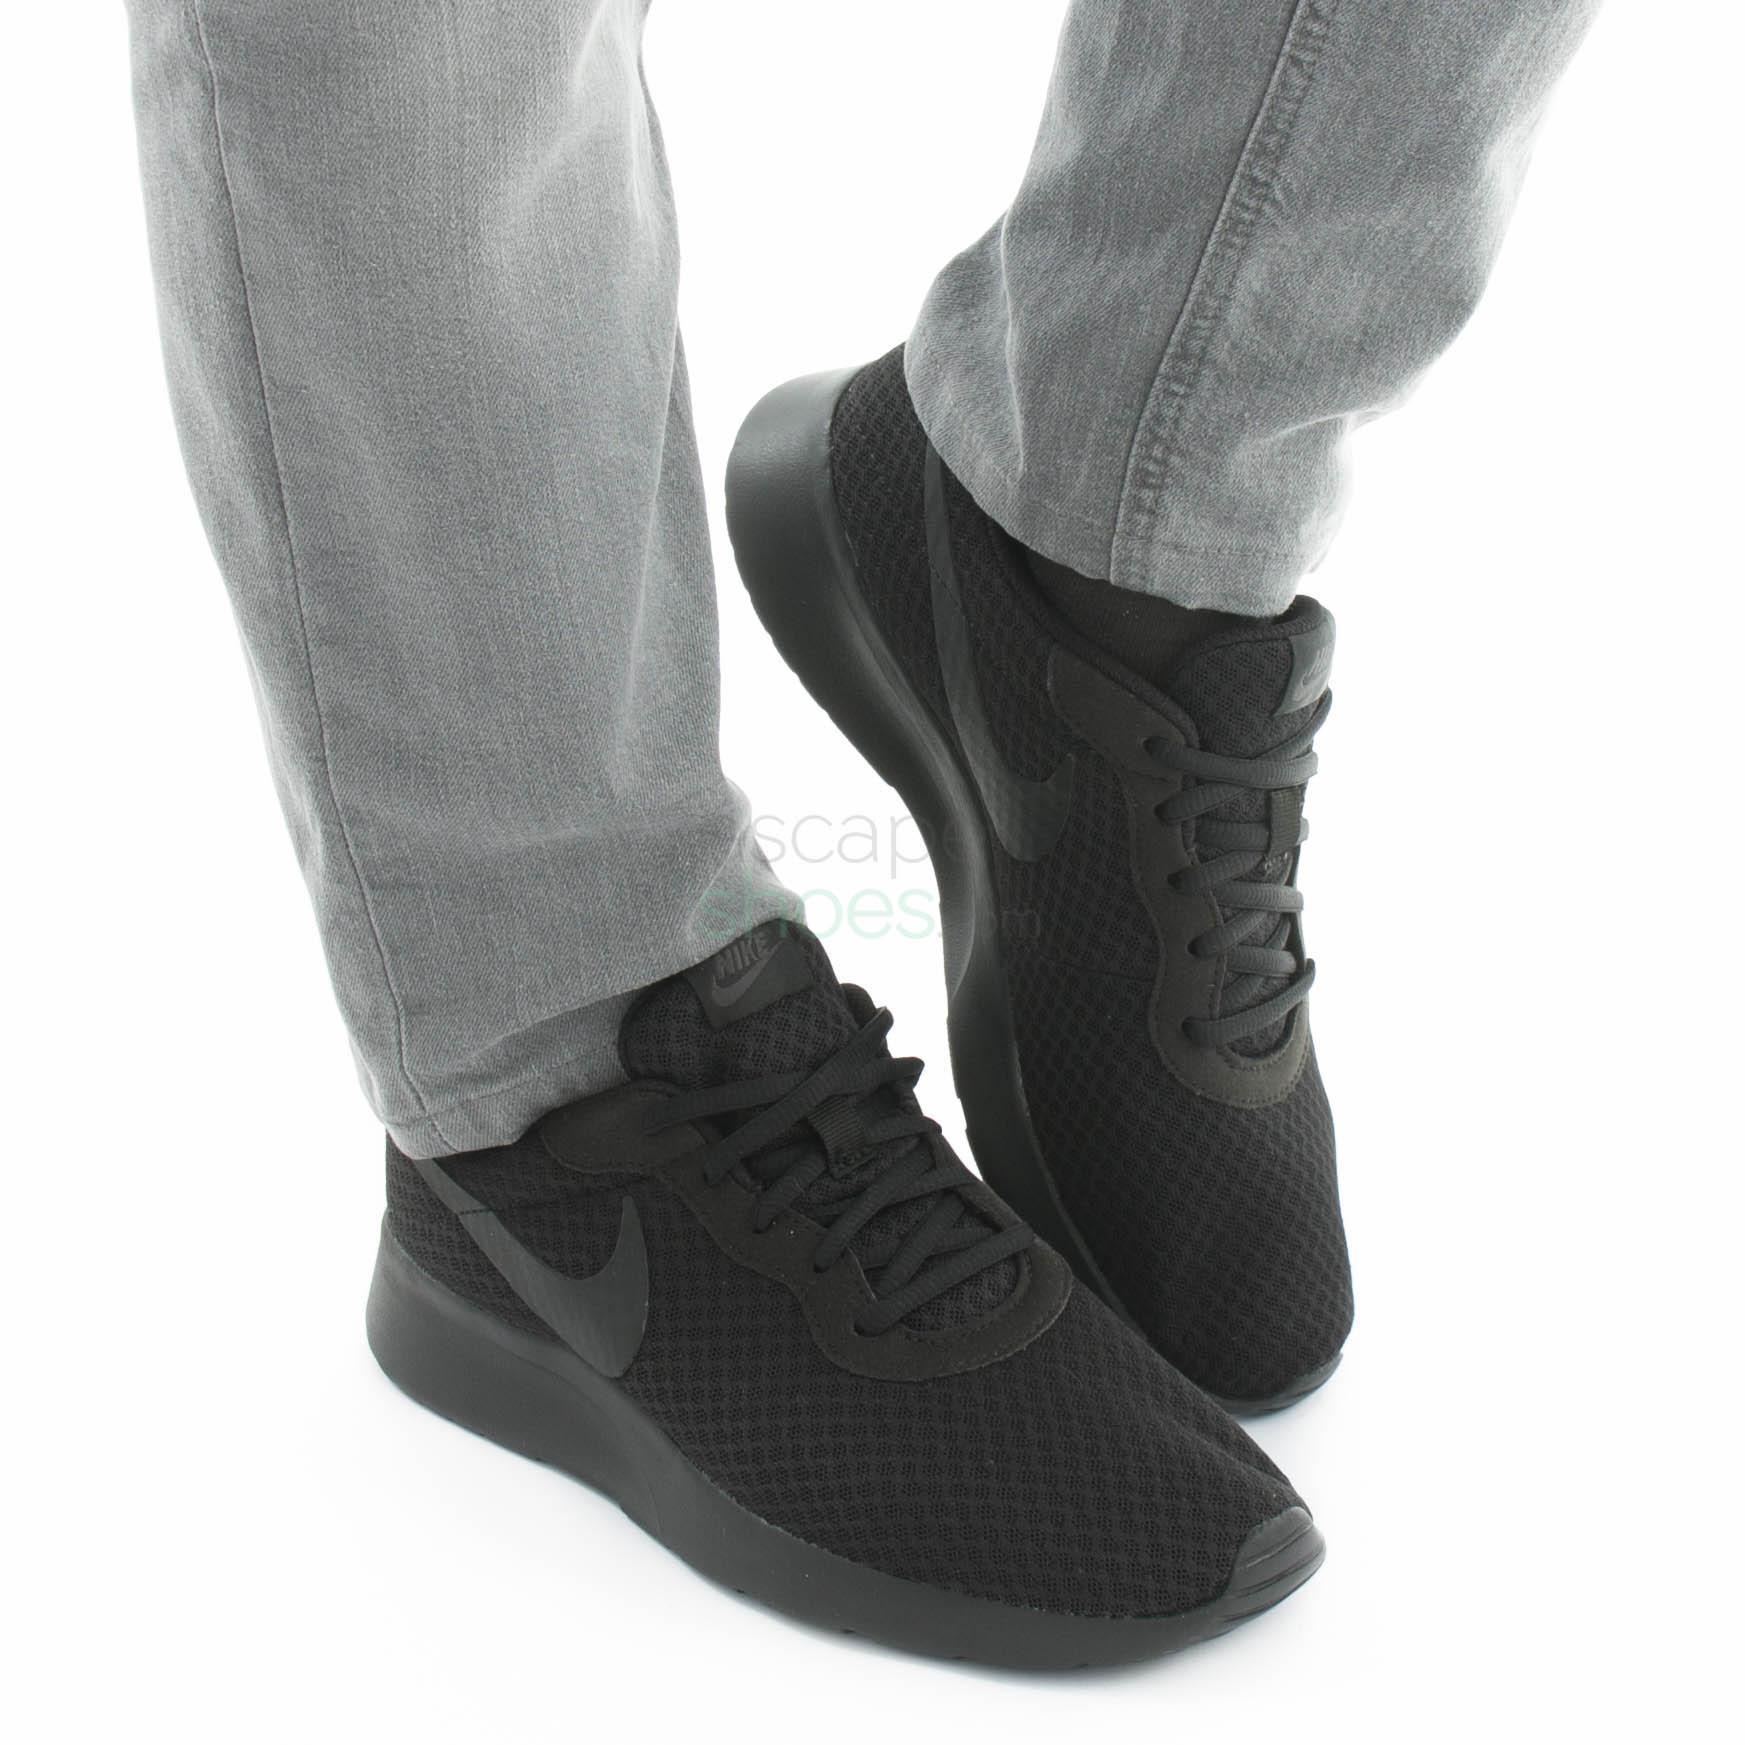 Sneakers NIKE Tanjun Black Anthracite 812654 001